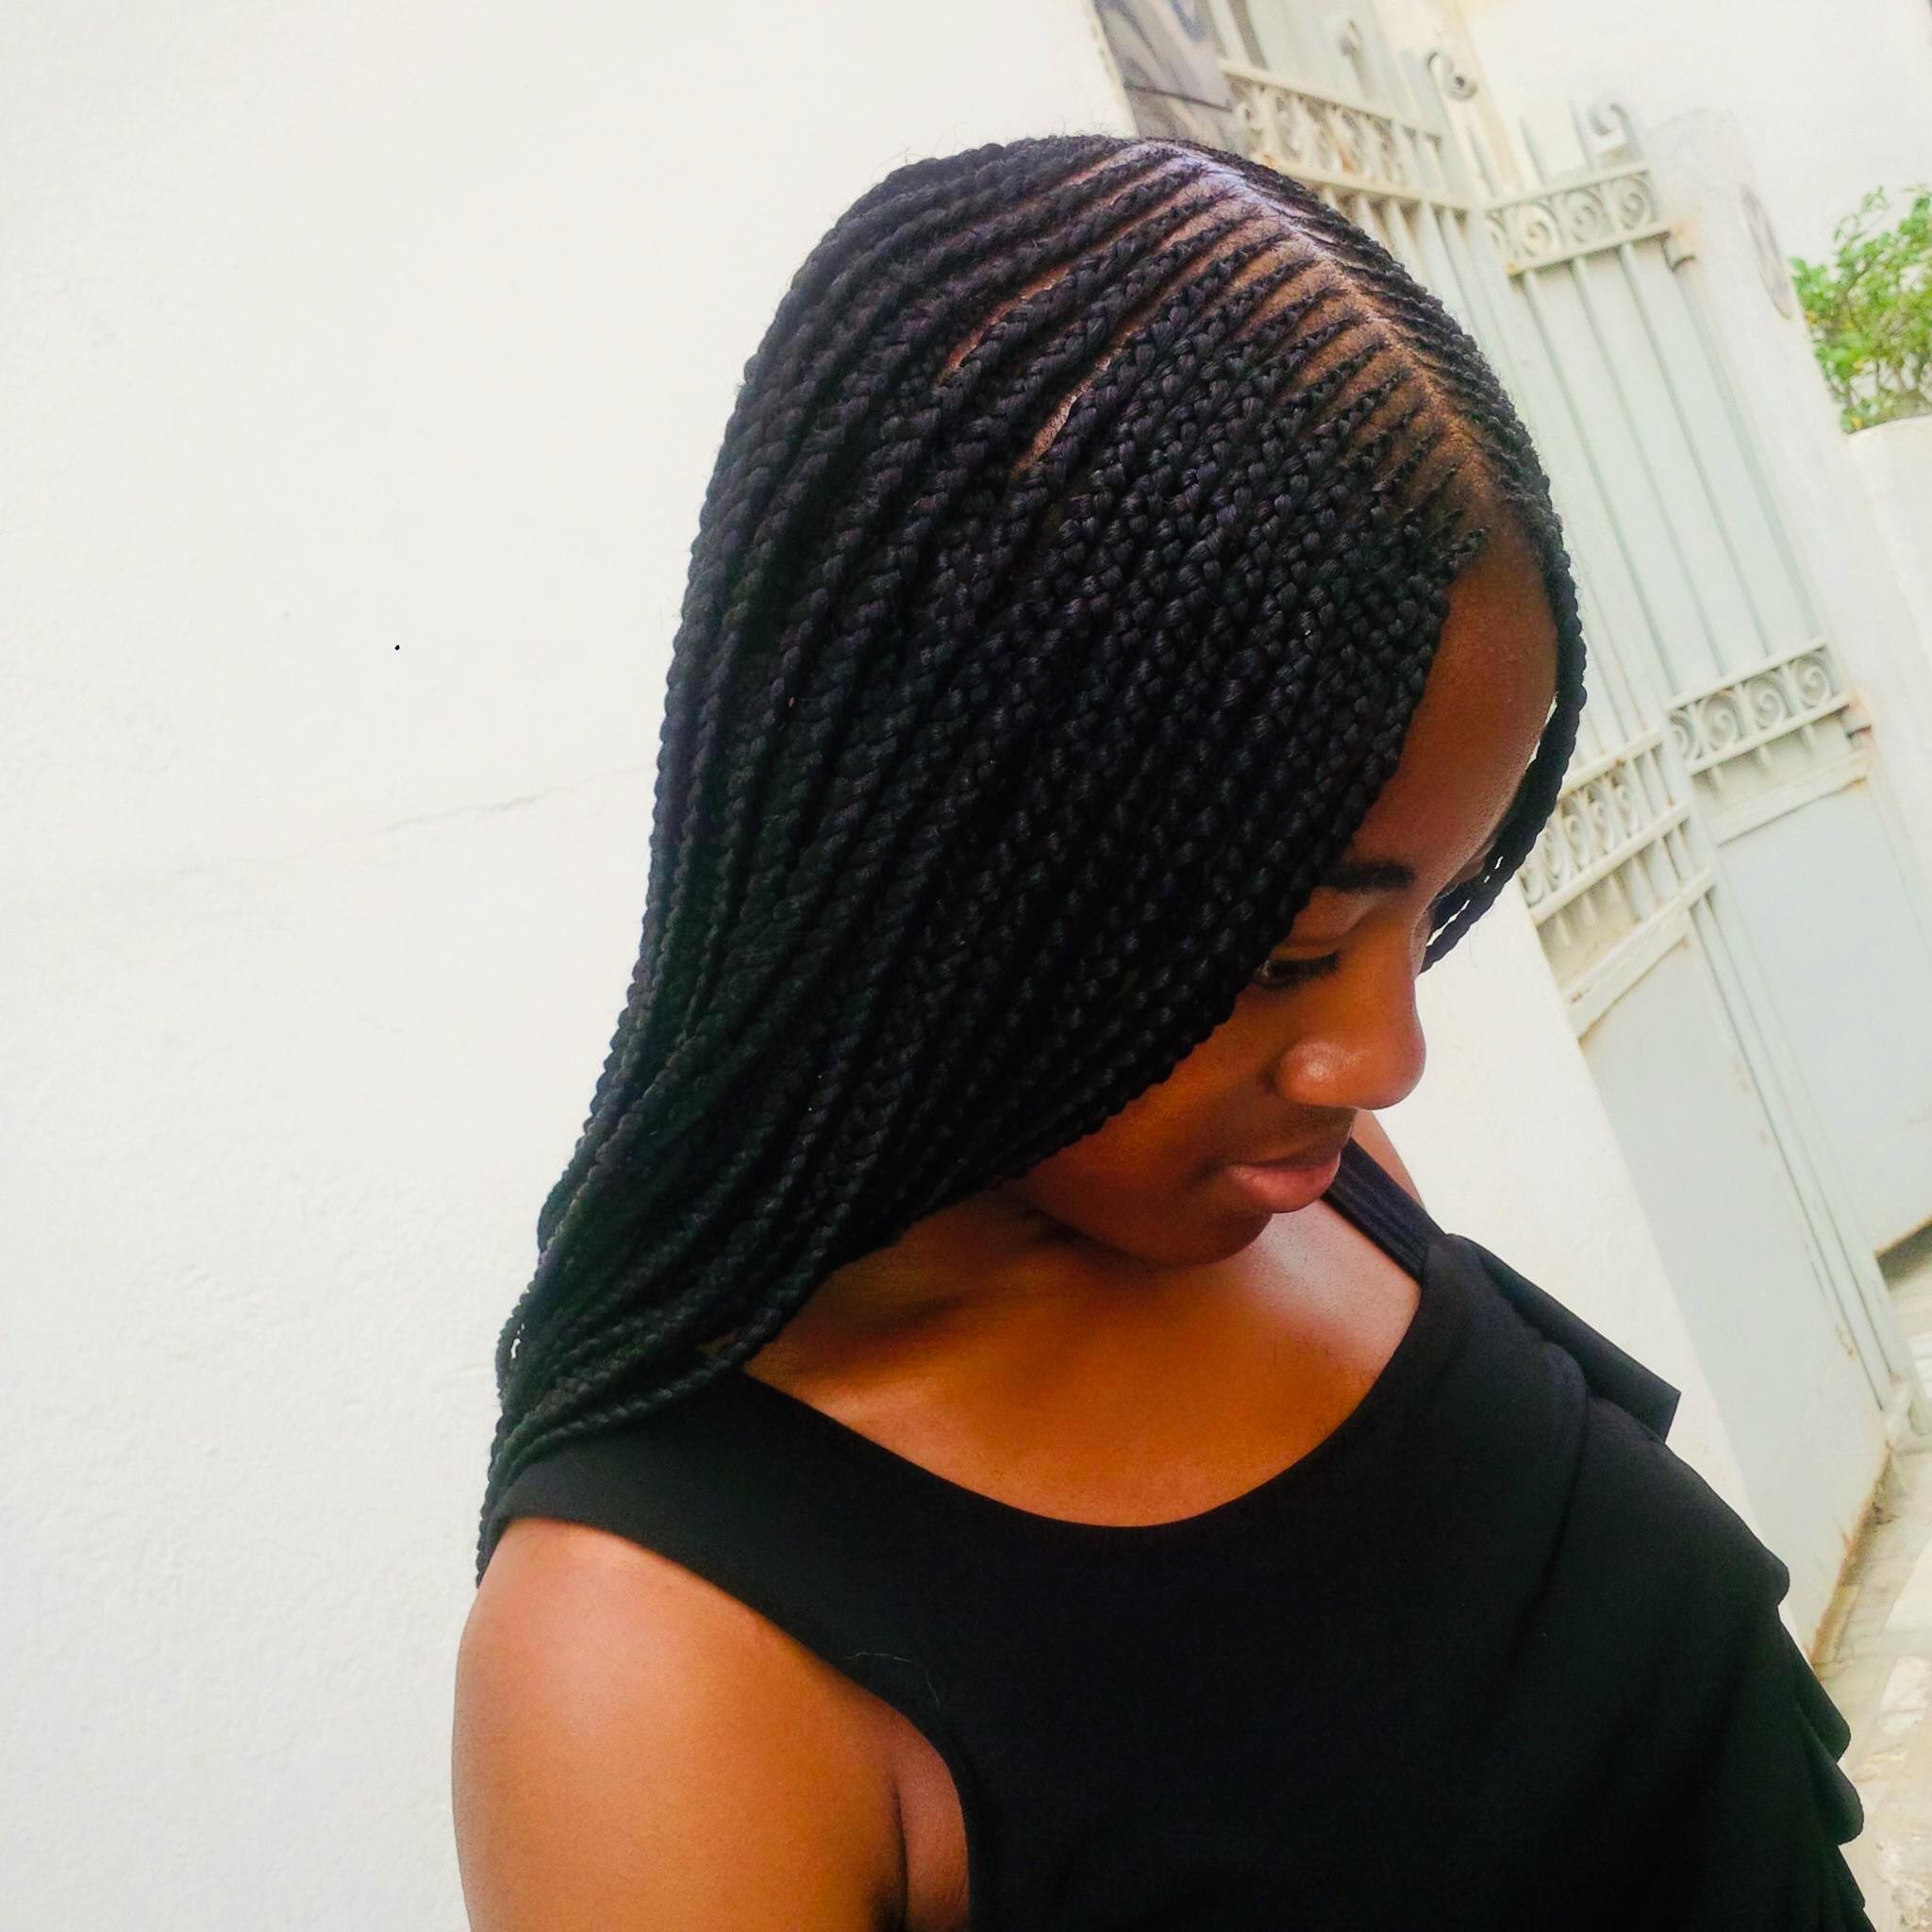 salon de coiffure afro tresse tresses box braids crochet braids vanilles tissages paris 75 77 78 91 92 93 94 95 QVOWGNDW